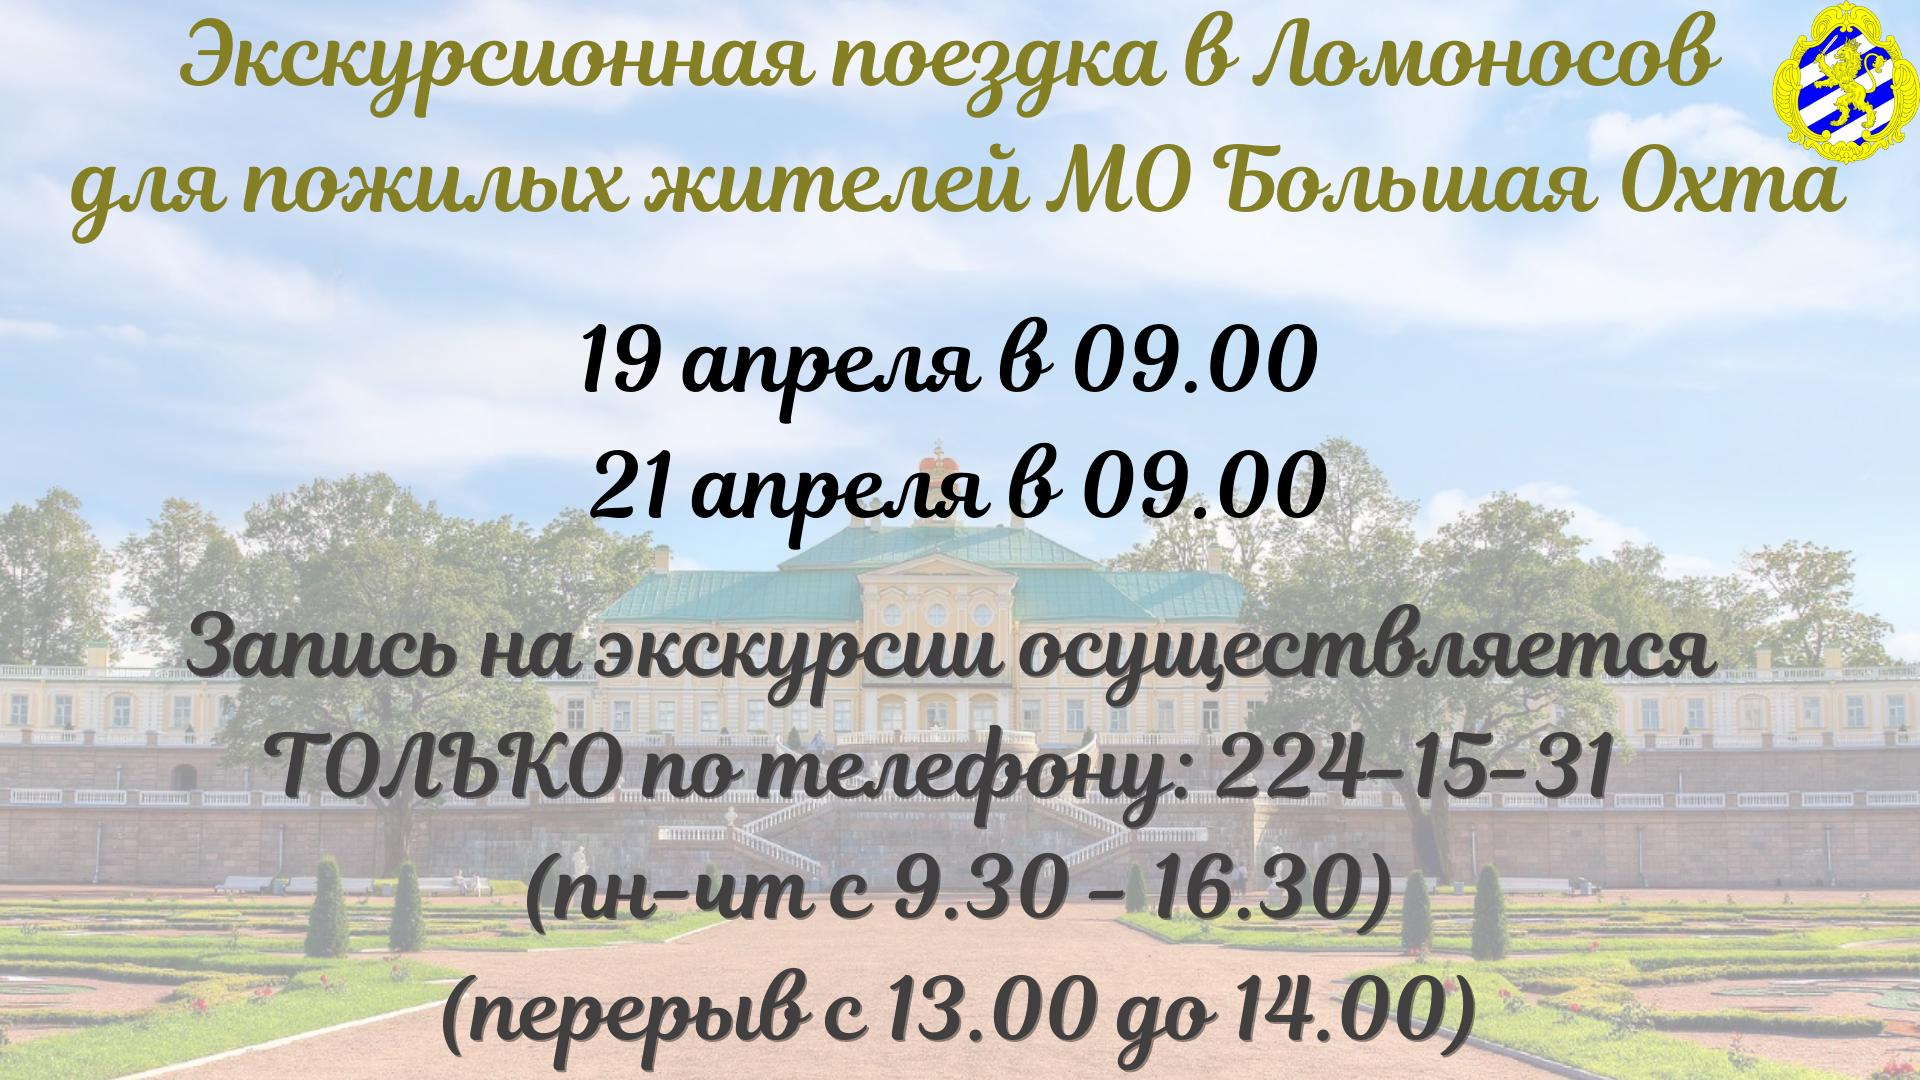 Экскурсионная поездка в Ломоносов для пожилых жителей МО Большая Охта